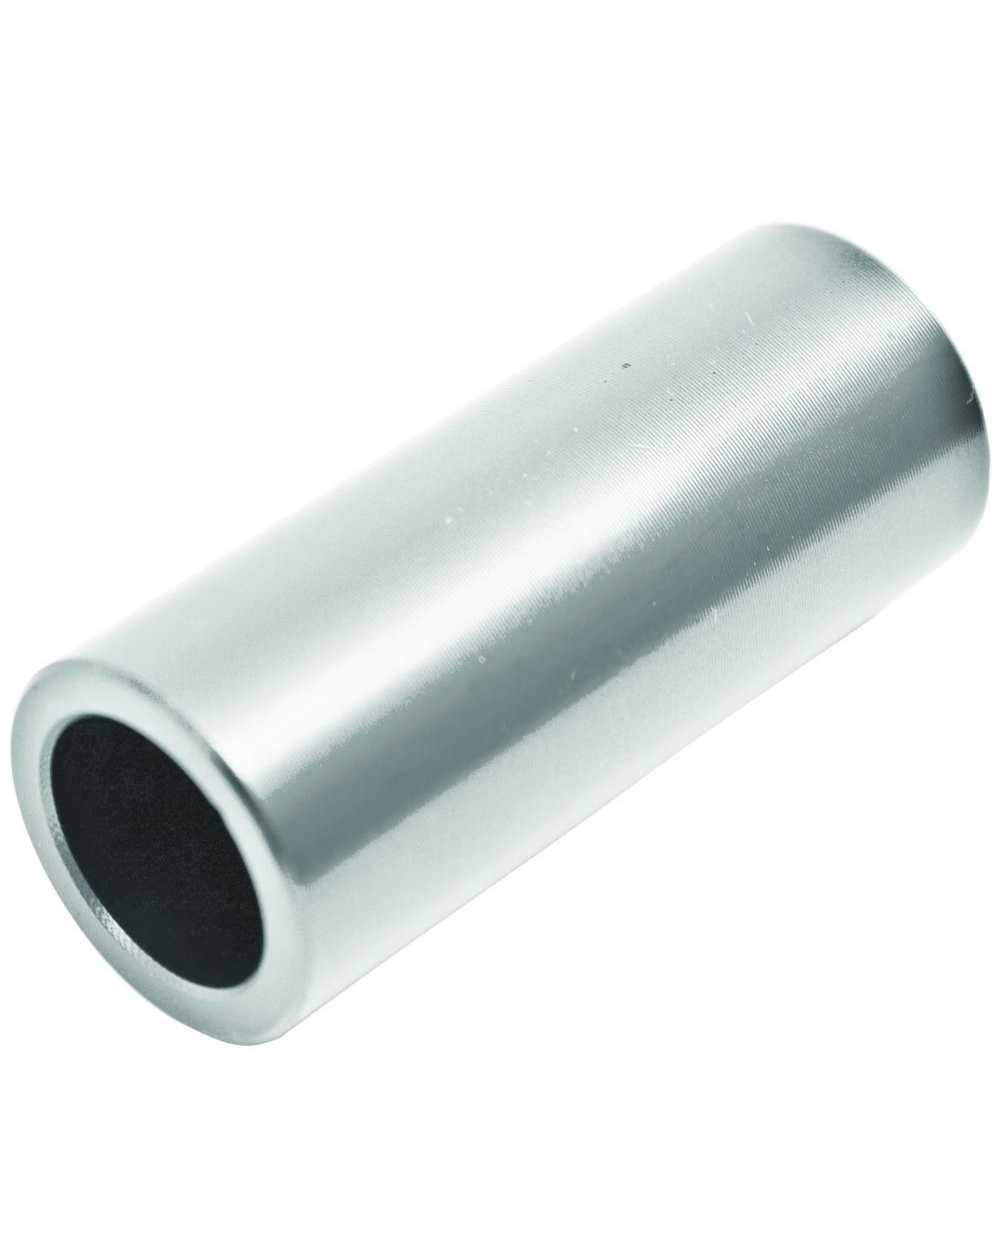 Blazer Pro Pegs Trottinette Alloy Silver 2 pc